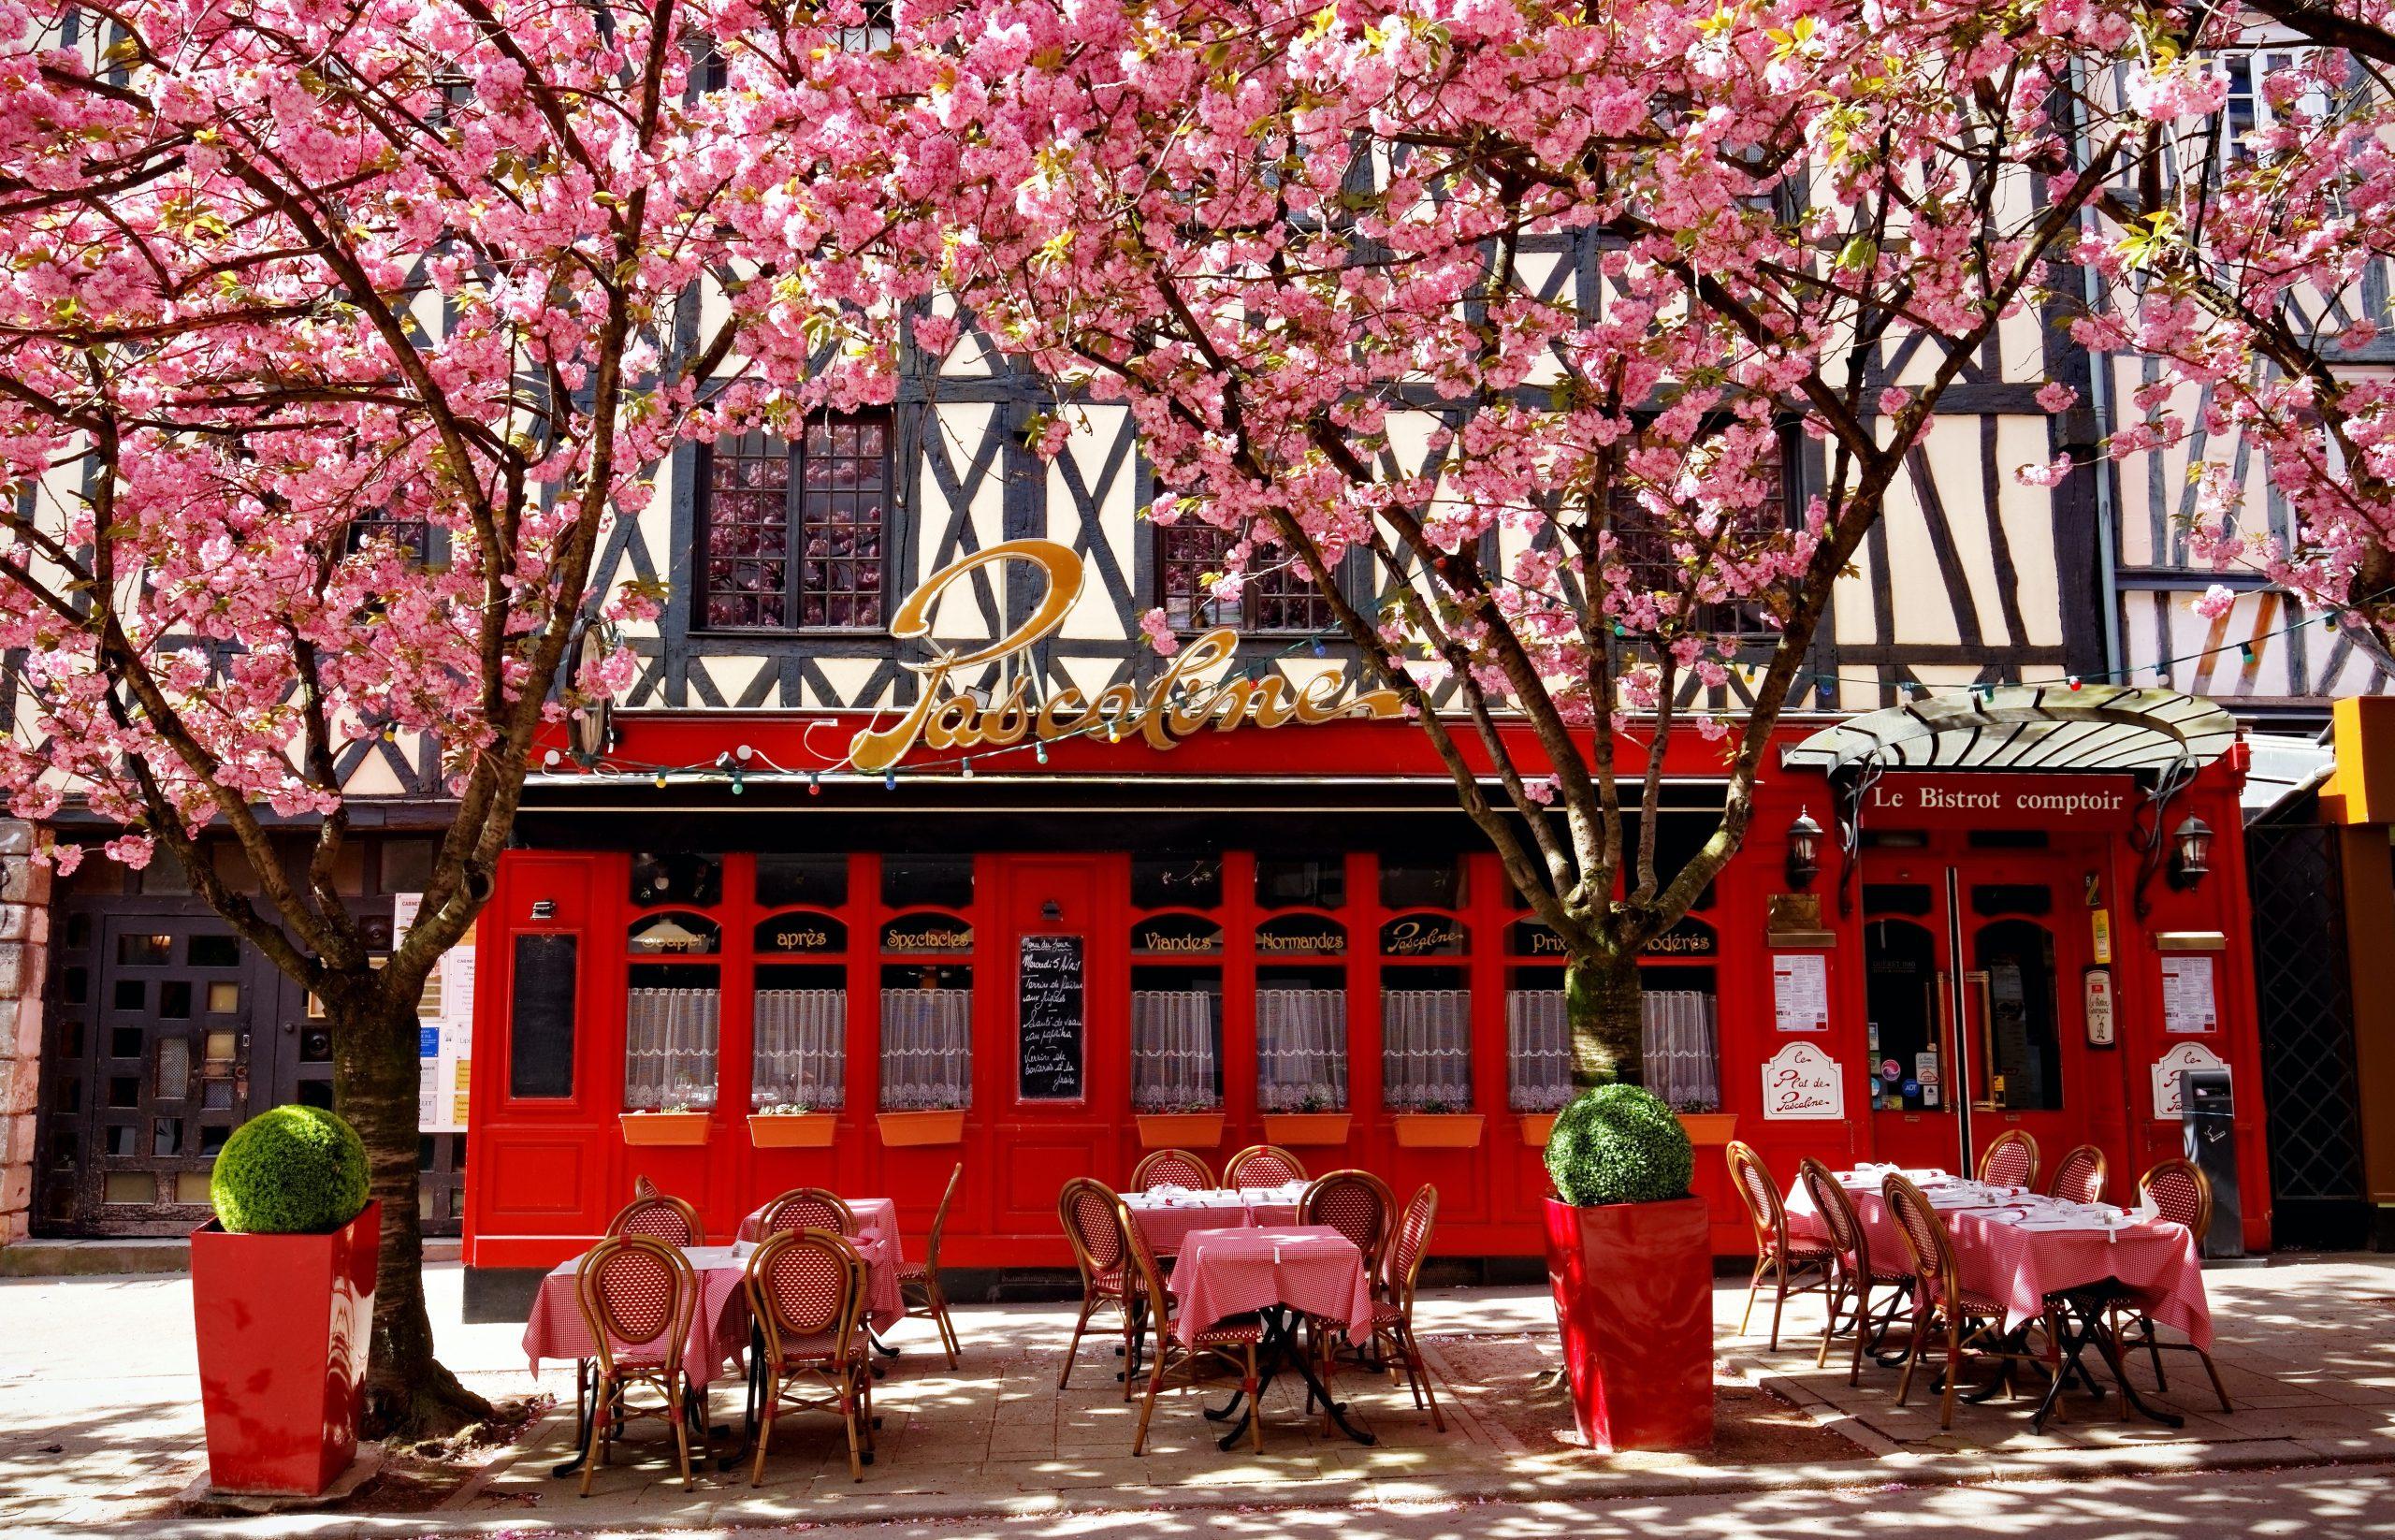 Accueil – Restaurant Pascaline Rouen Le Bistrot Comptoir depuis 1880